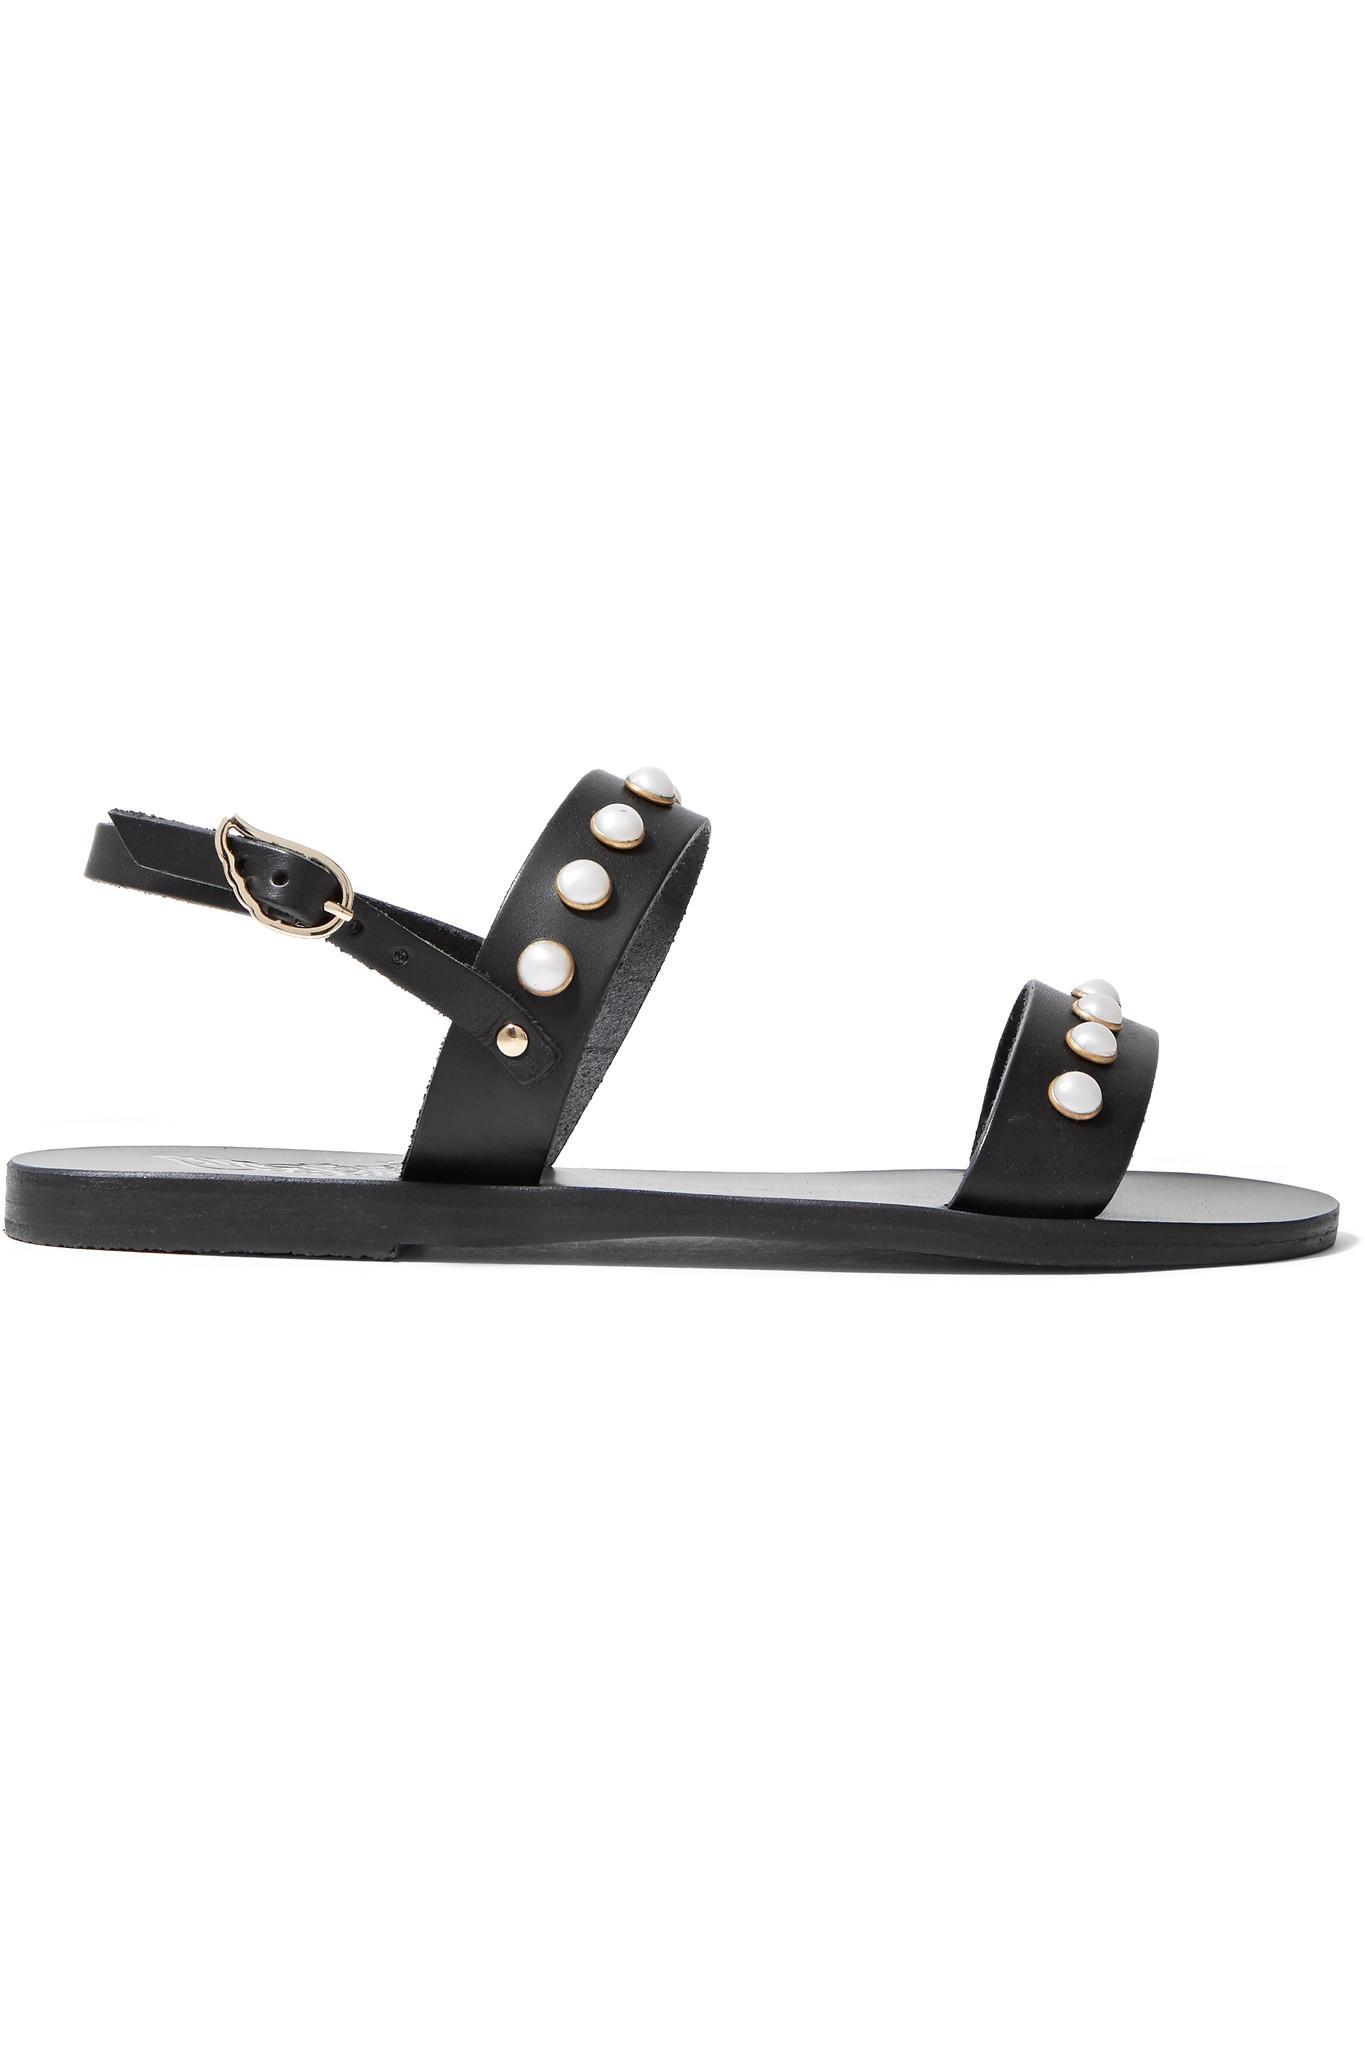 Sandales en cuir et satin à noeud ClioAncient Greek Sandals IR6mnvm